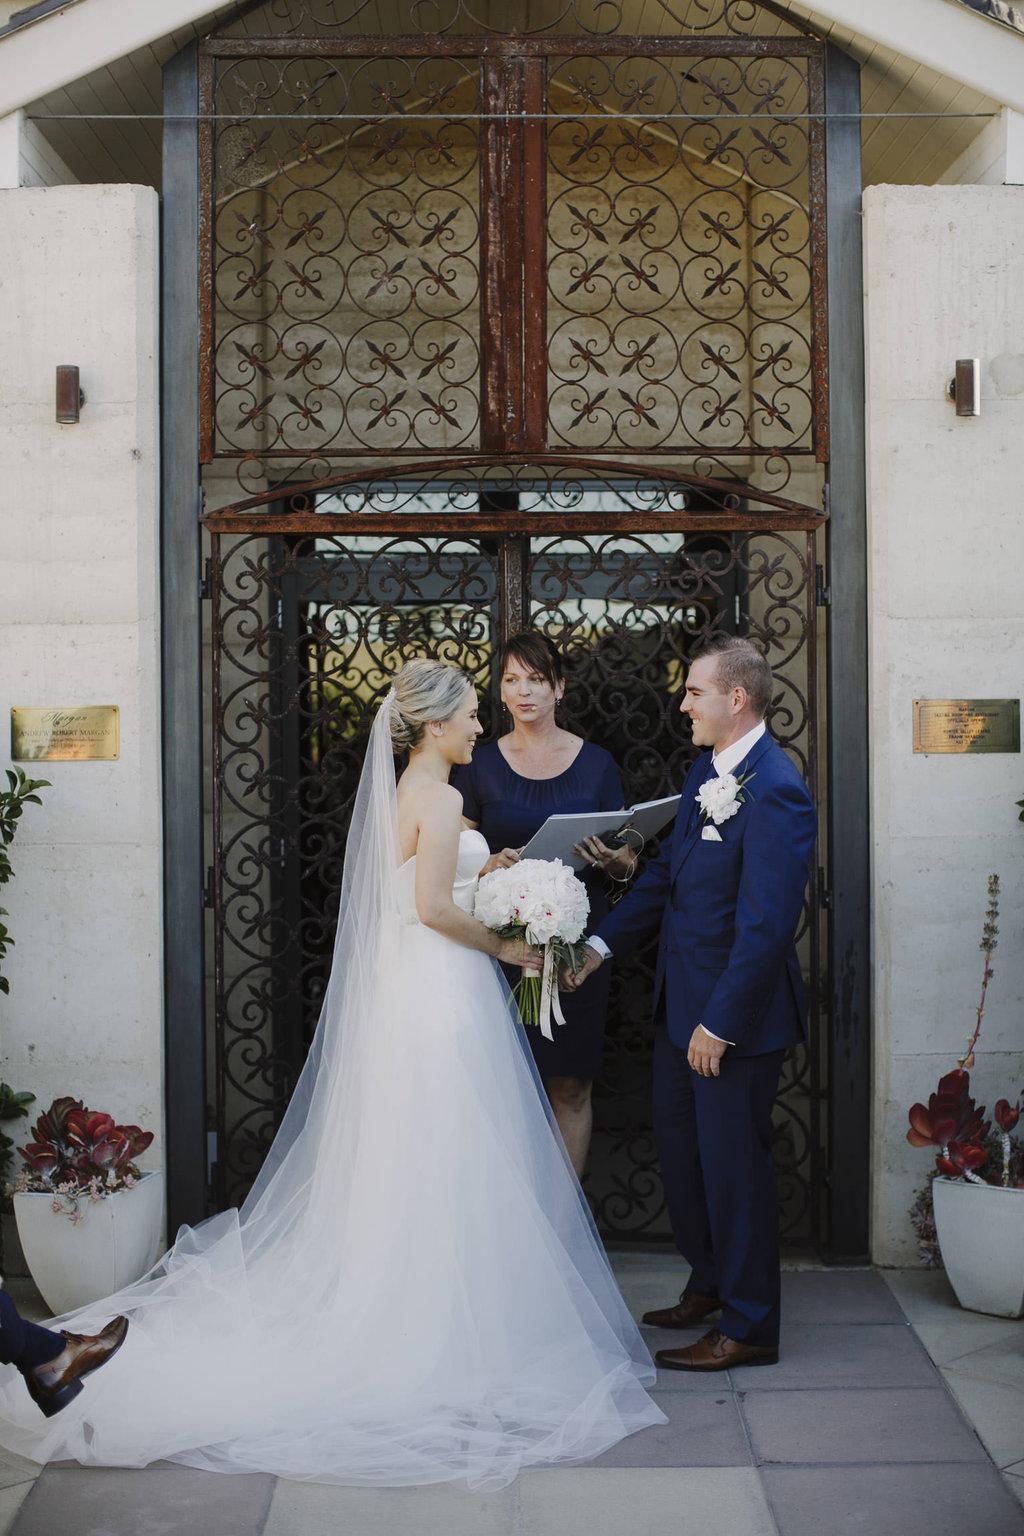 161106_justinaaron_wedding_fraiah_shaun_w-338.jpg